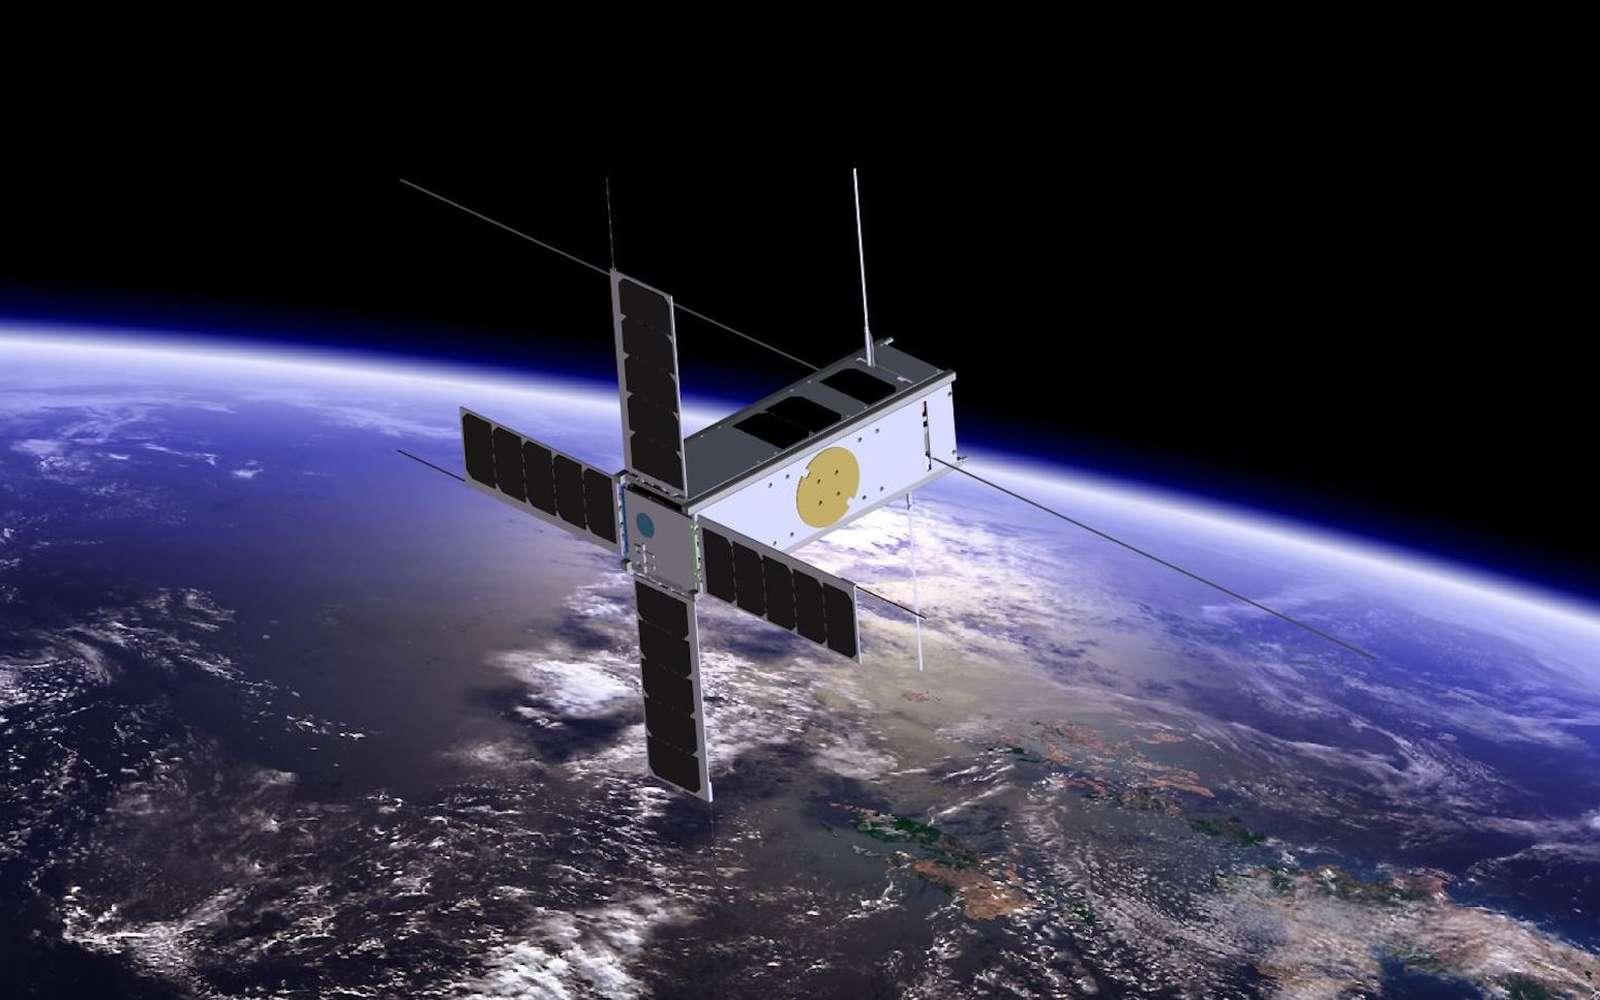 Une nouvelle technique pour mettre des satellites en orbite sans fusée. © BISA